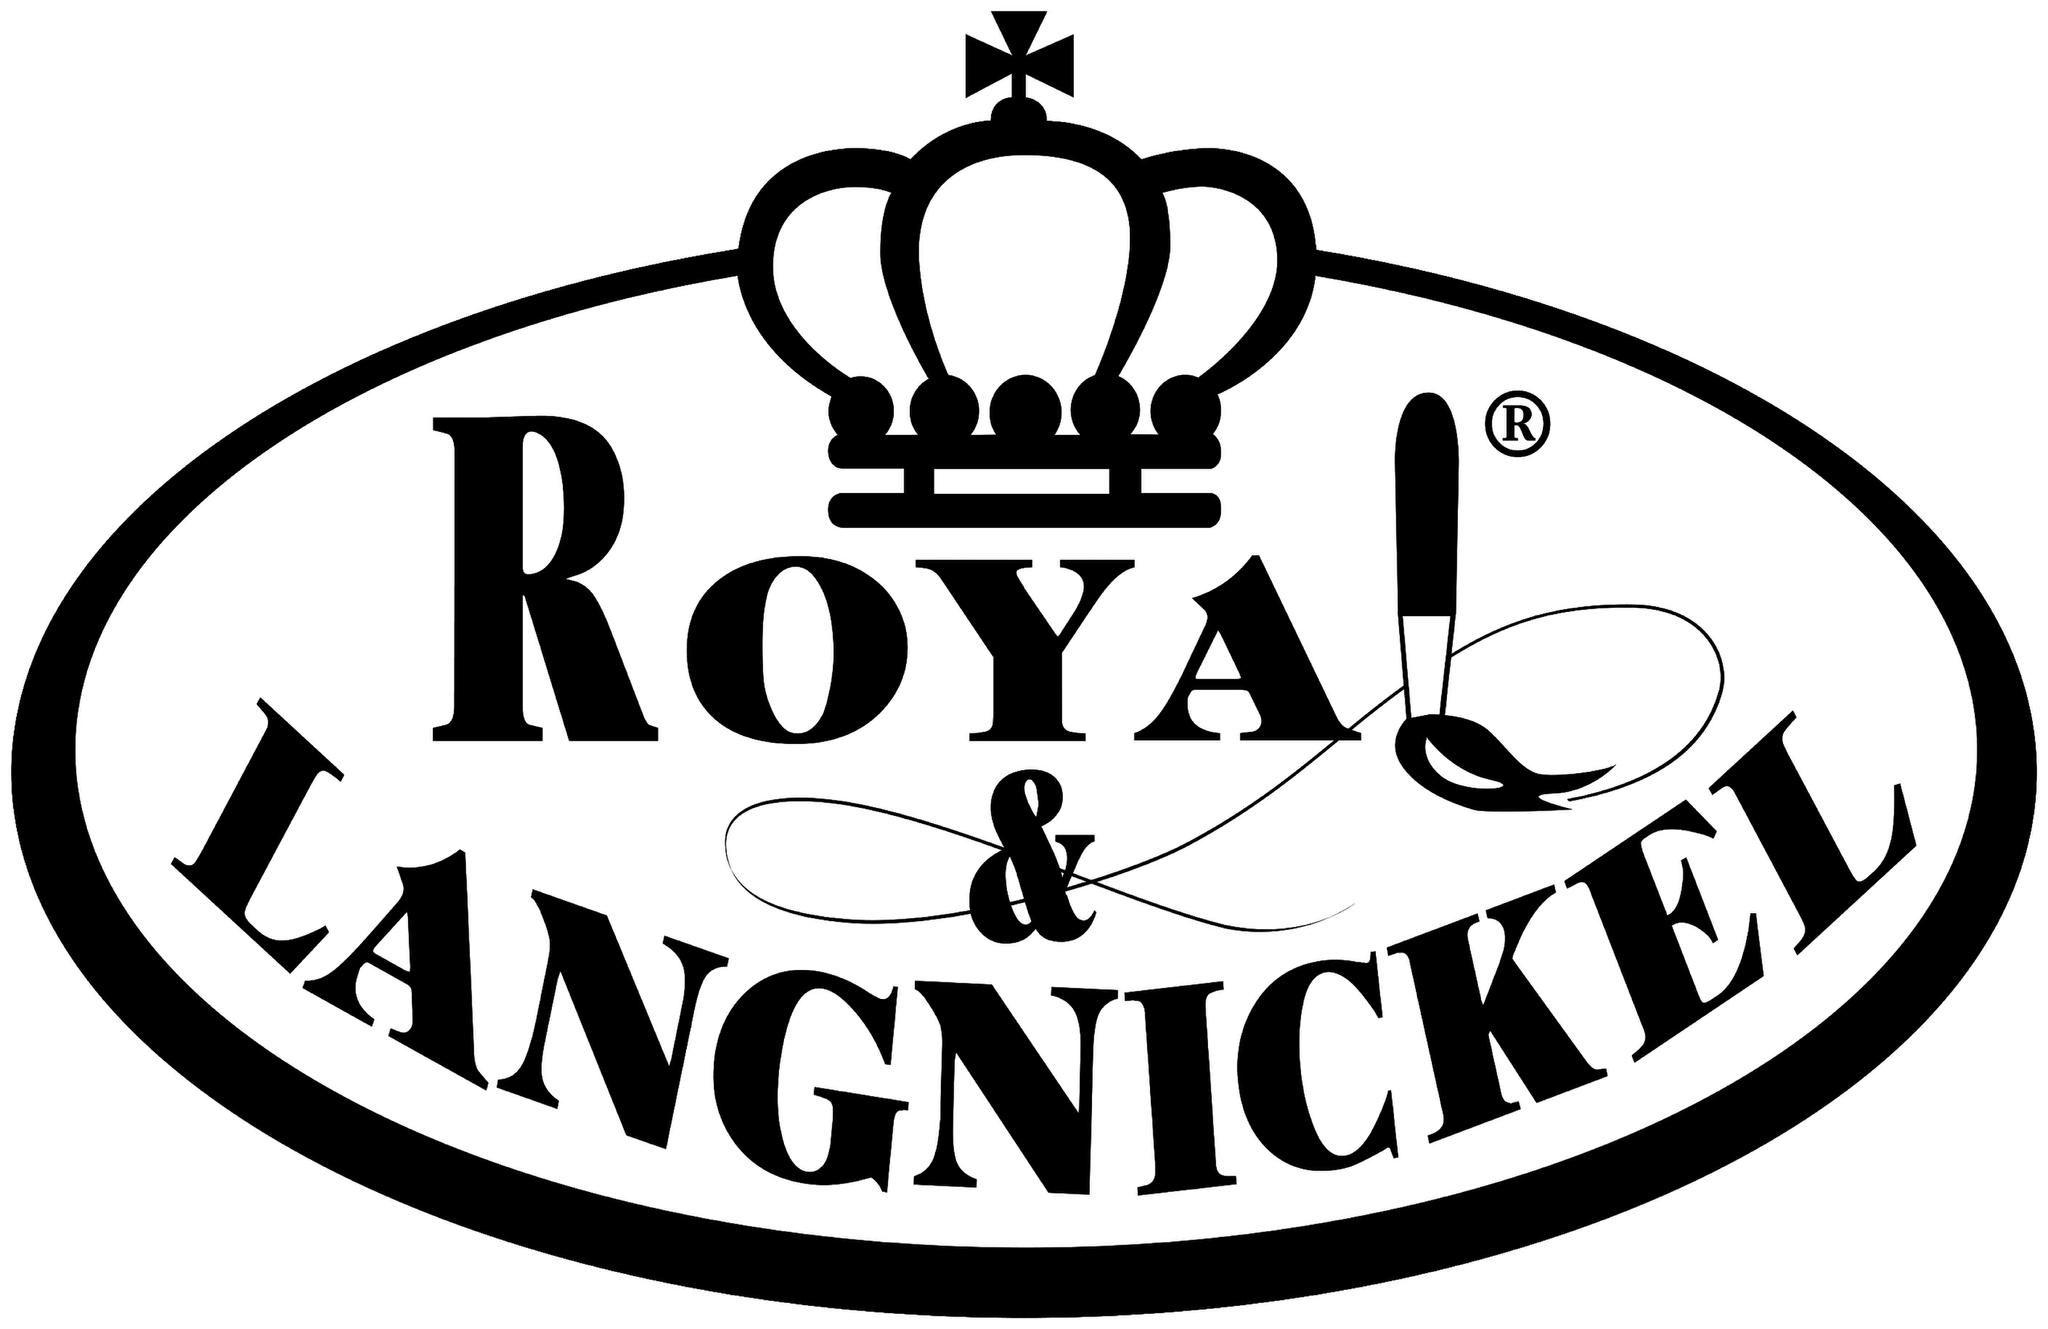 Royal Brush Manuf.(UK) Ltd